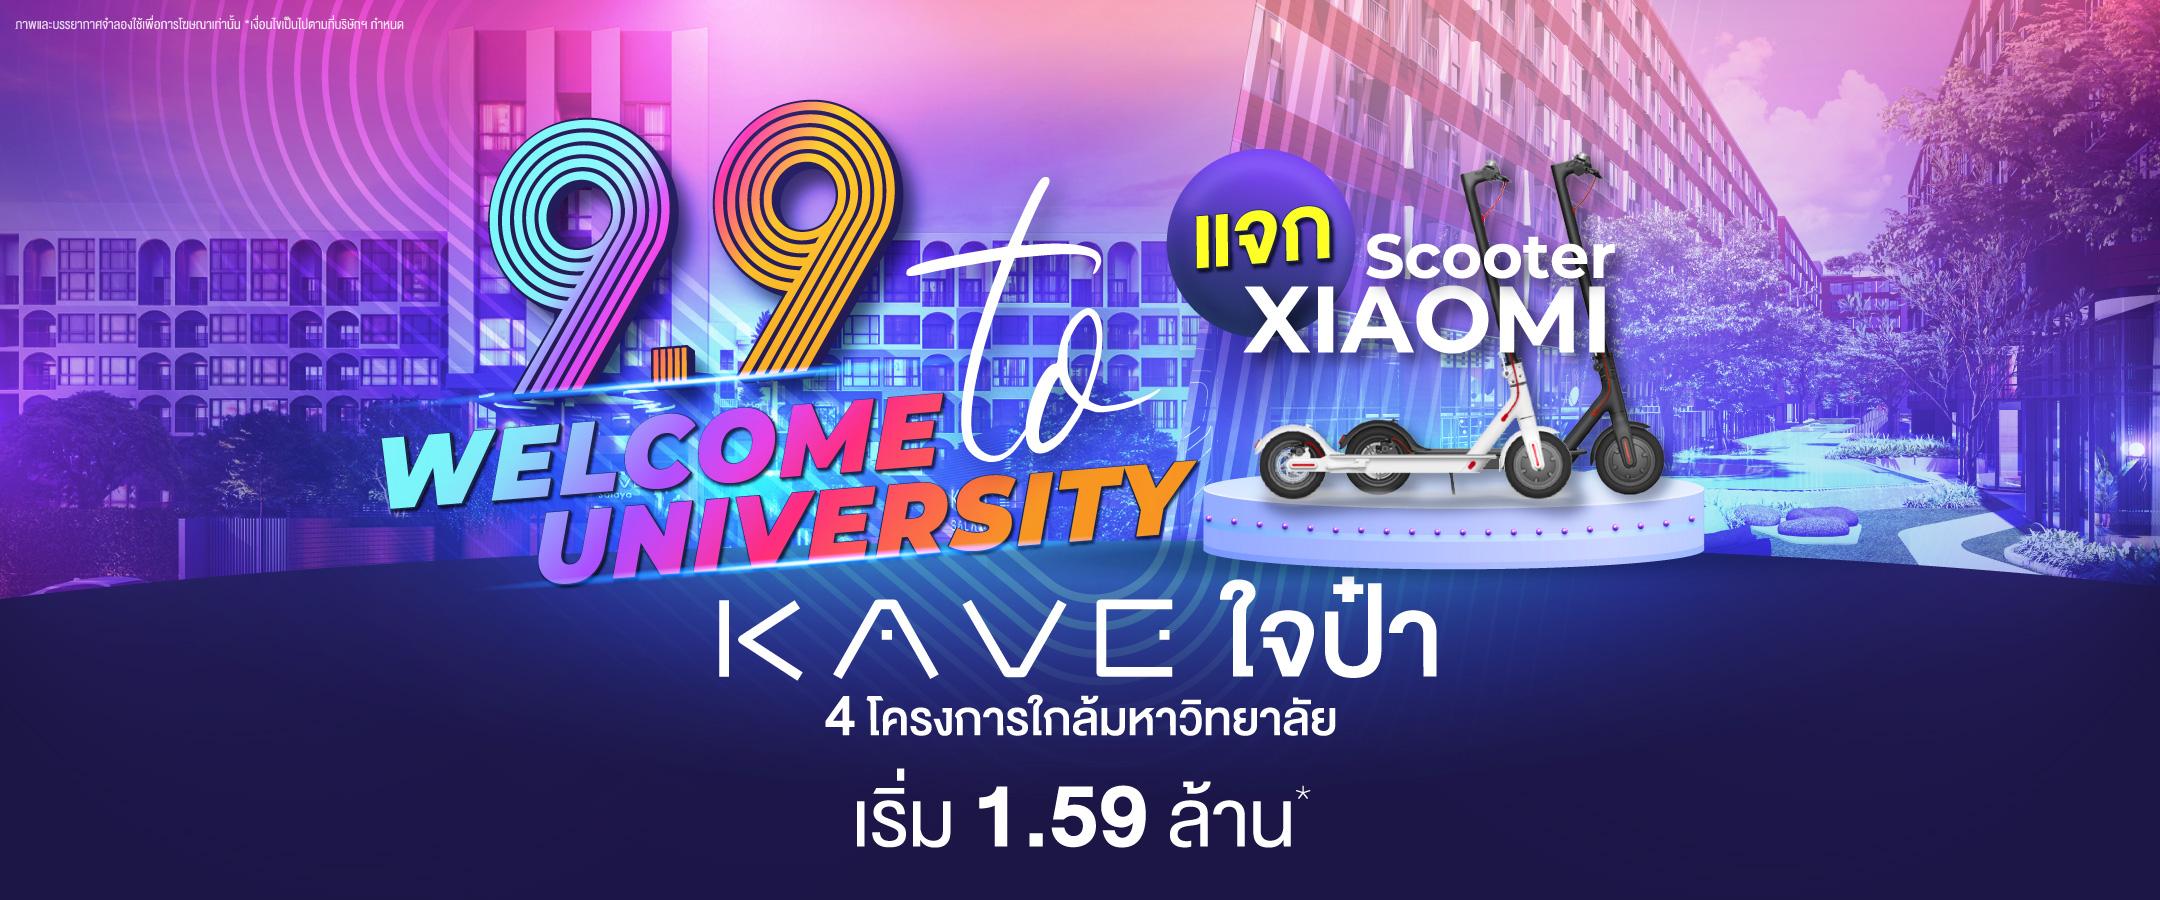 """ข้อมูลเพิ่มเติม   เงื่อนไขโปรโมชั่น """" 9.9 welcome To University Kave ใจป๋า """""""